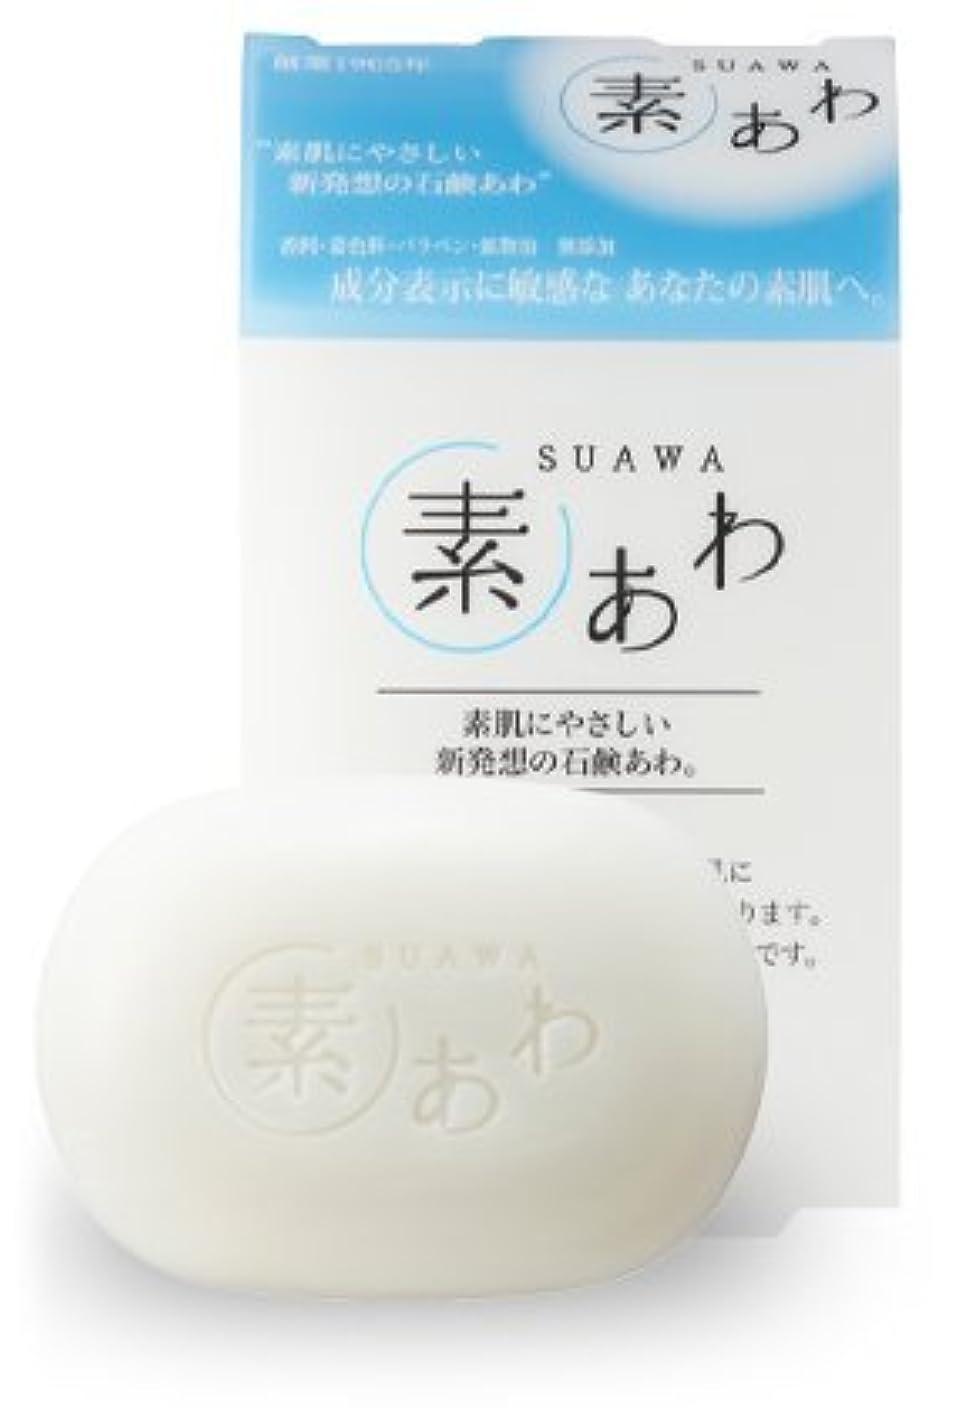 血まみれ動かすエジプト人薬用 素あわ 洗顔 全身用 石鹸 80g 乾 燥 肌 ? 敏 感 肌 に